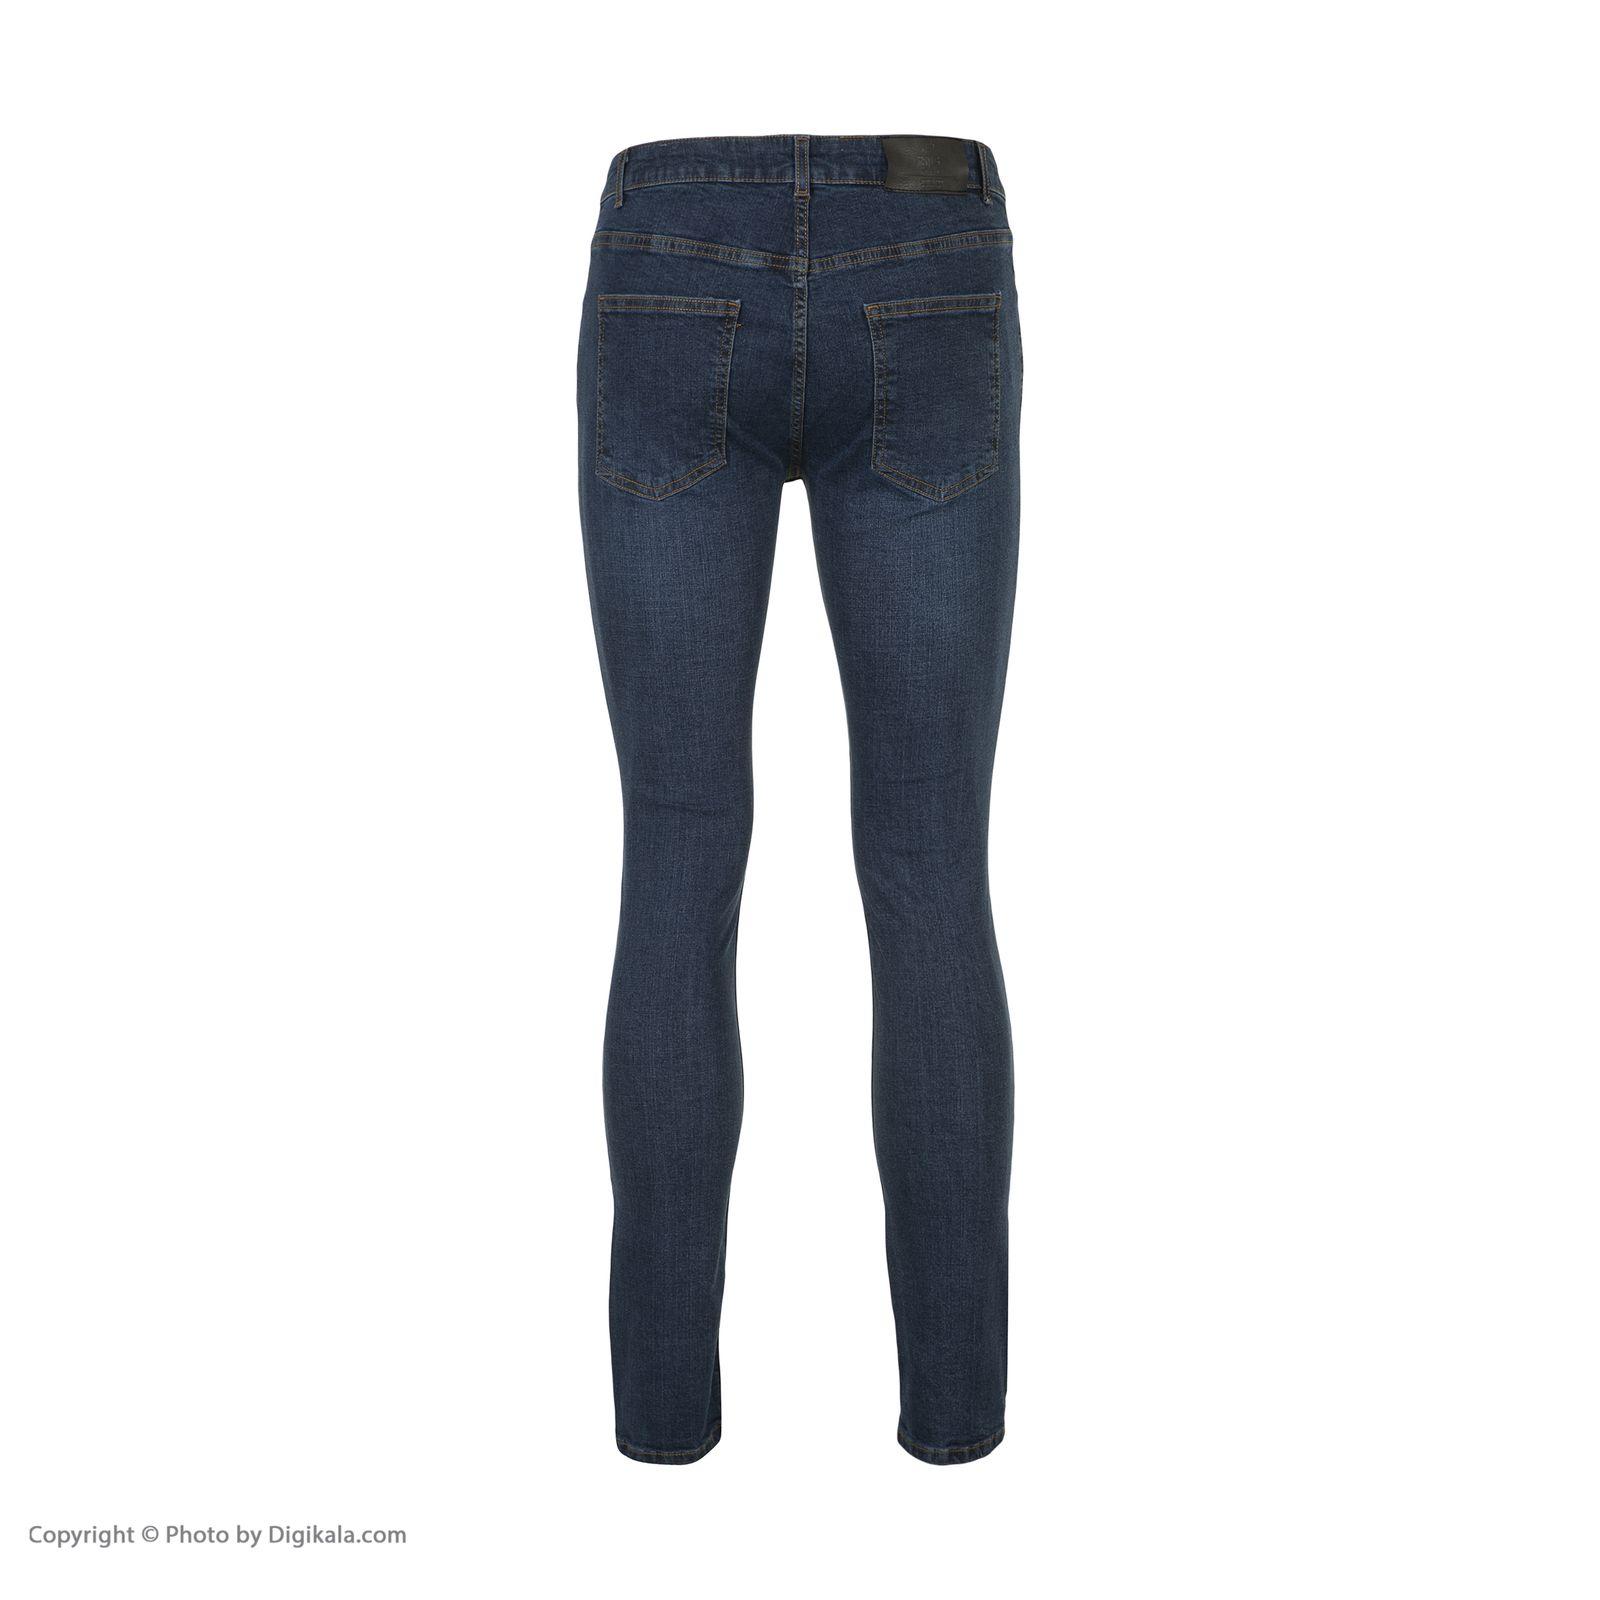 شلوار جین مردانه آر اِن اِس مدل 133051-59 -  - 4